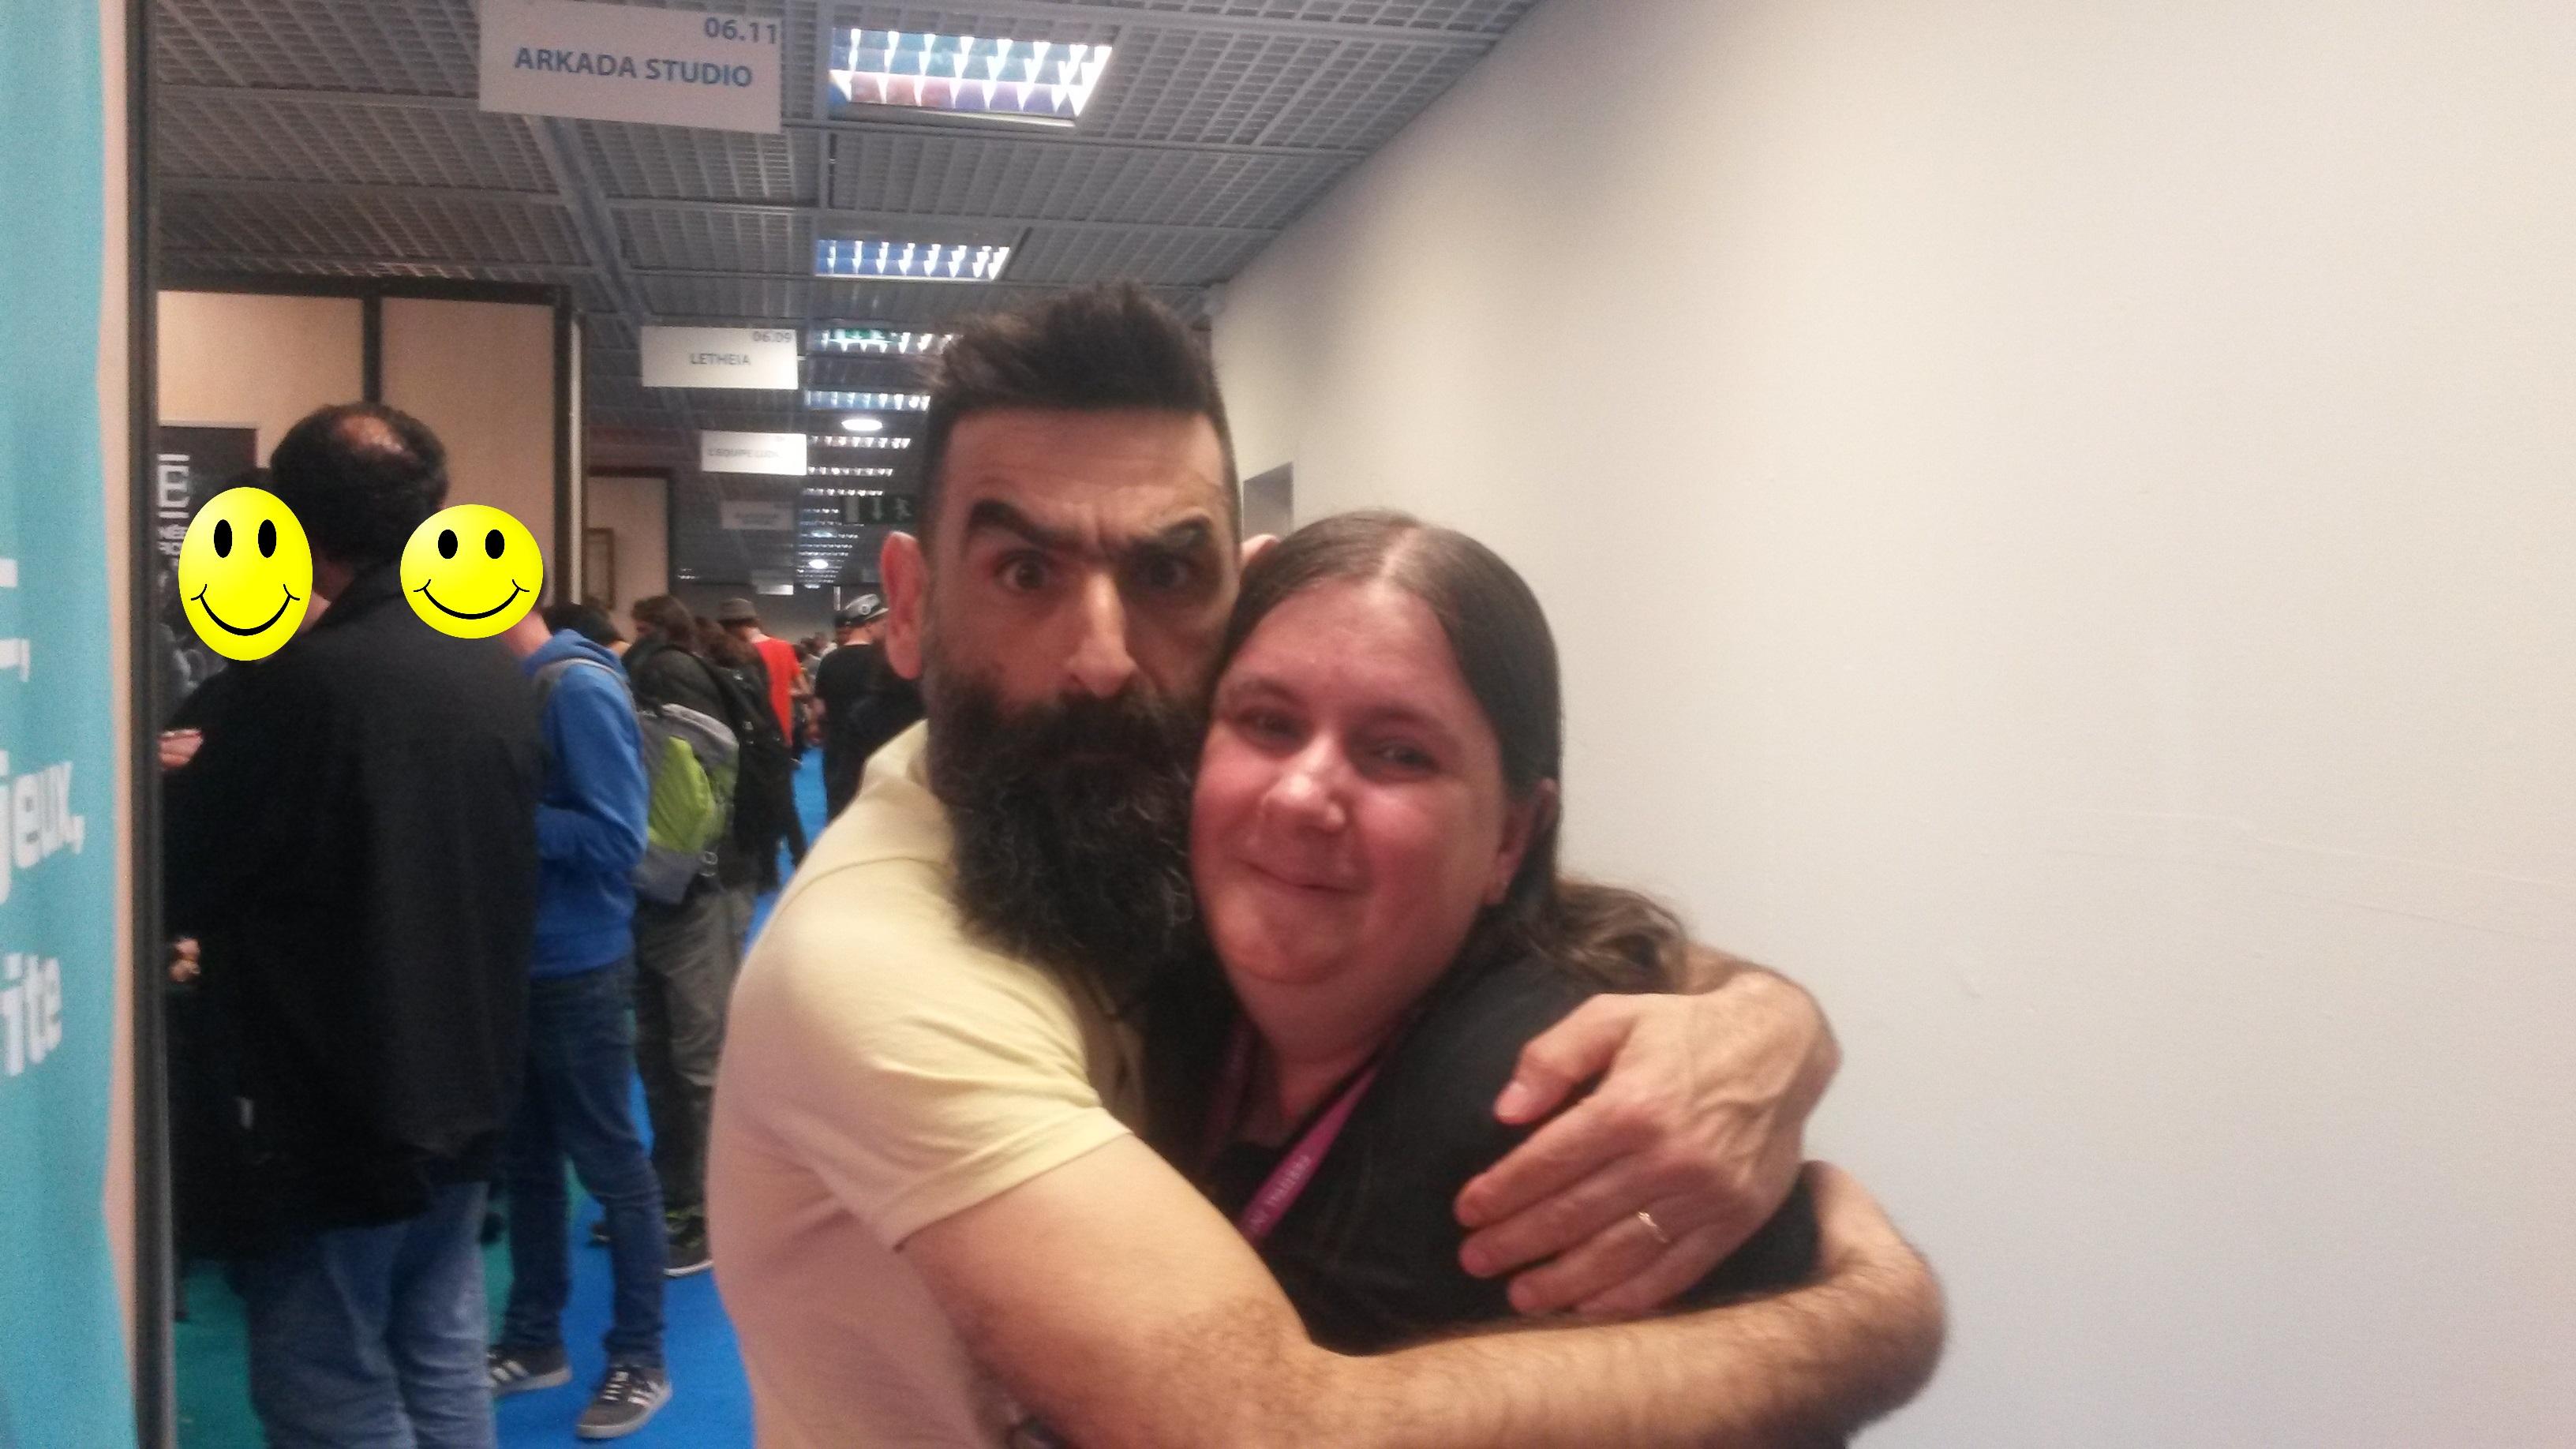 Merci pour le free hug et la photo Mr Phal ;)